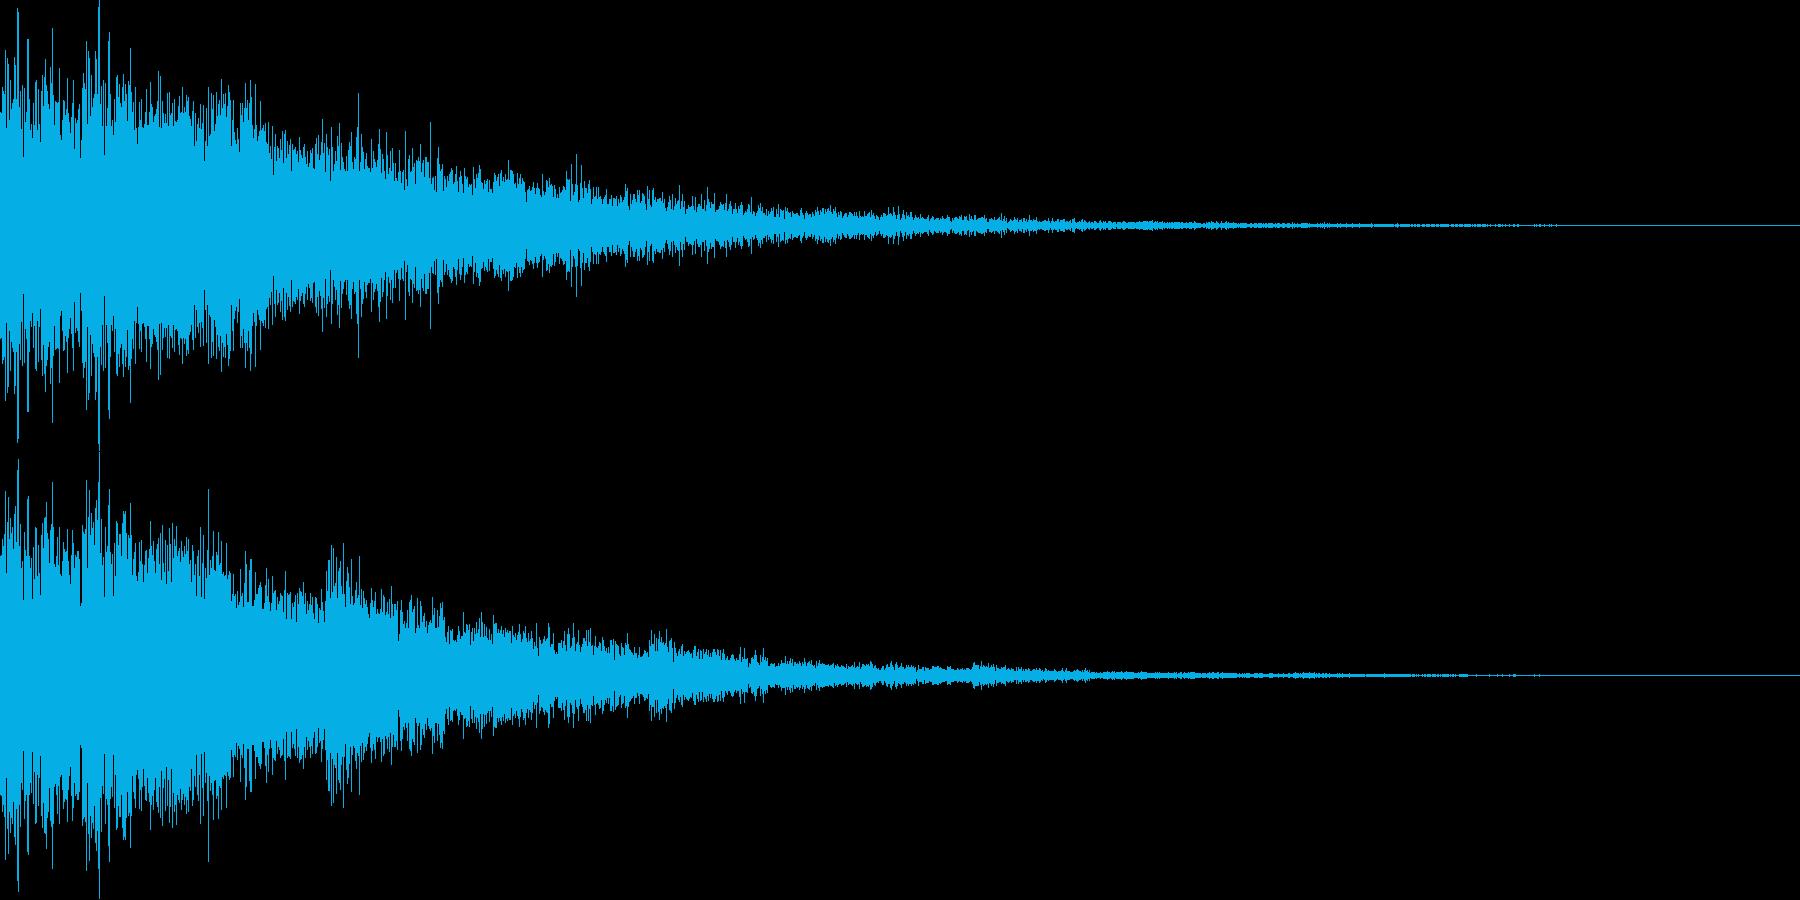 勢いのある決定音、スタート音の再生済みの波形